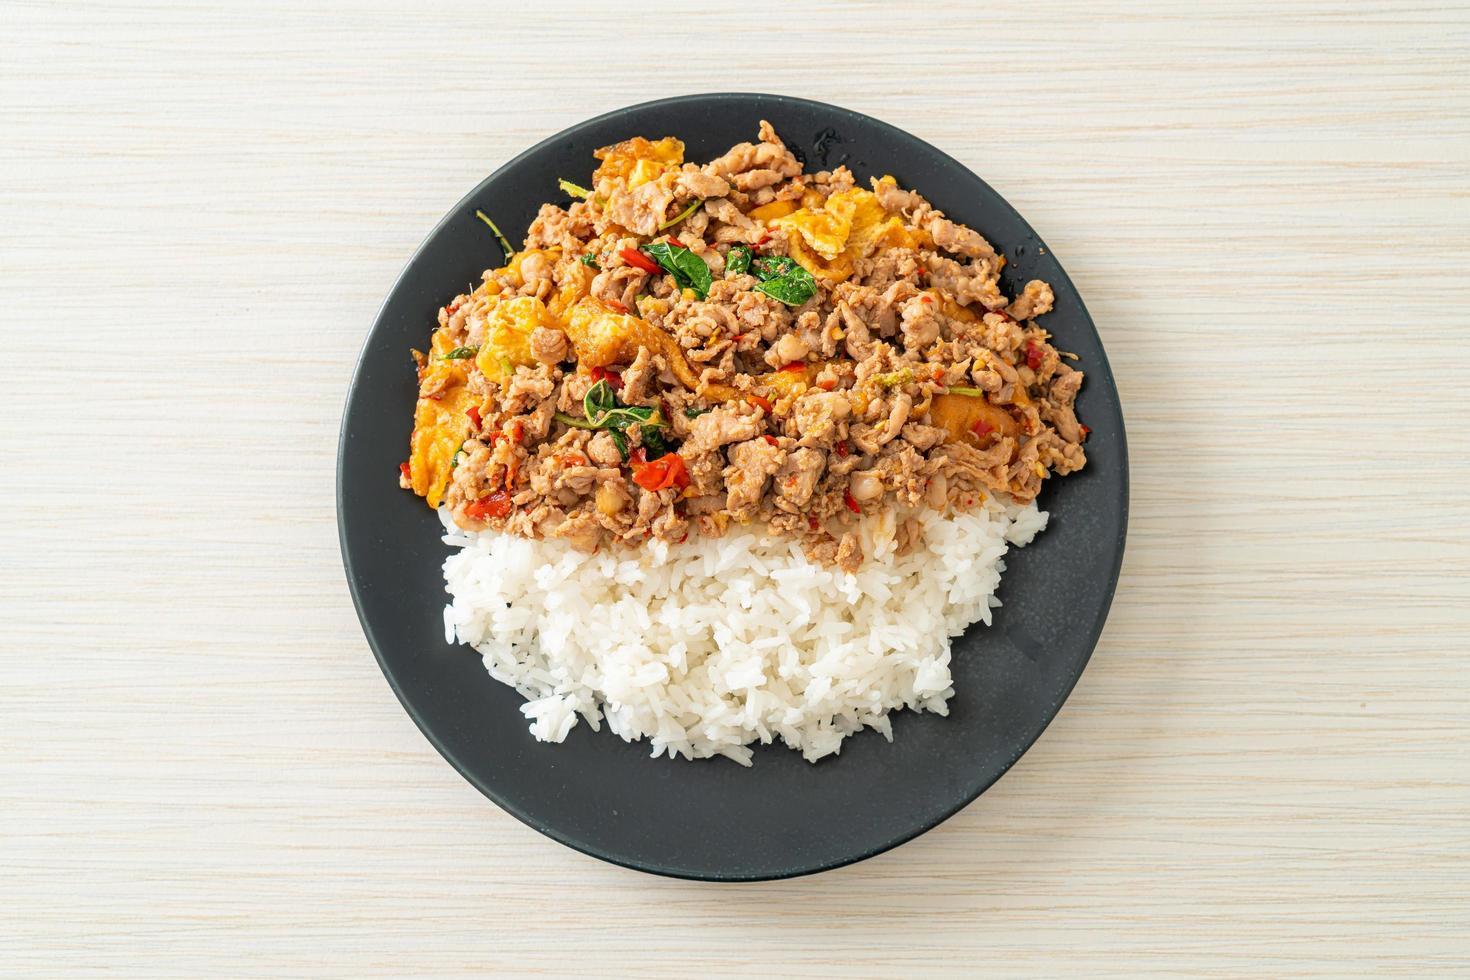 porc haché sauté au basilic et œuf garni de riz photo